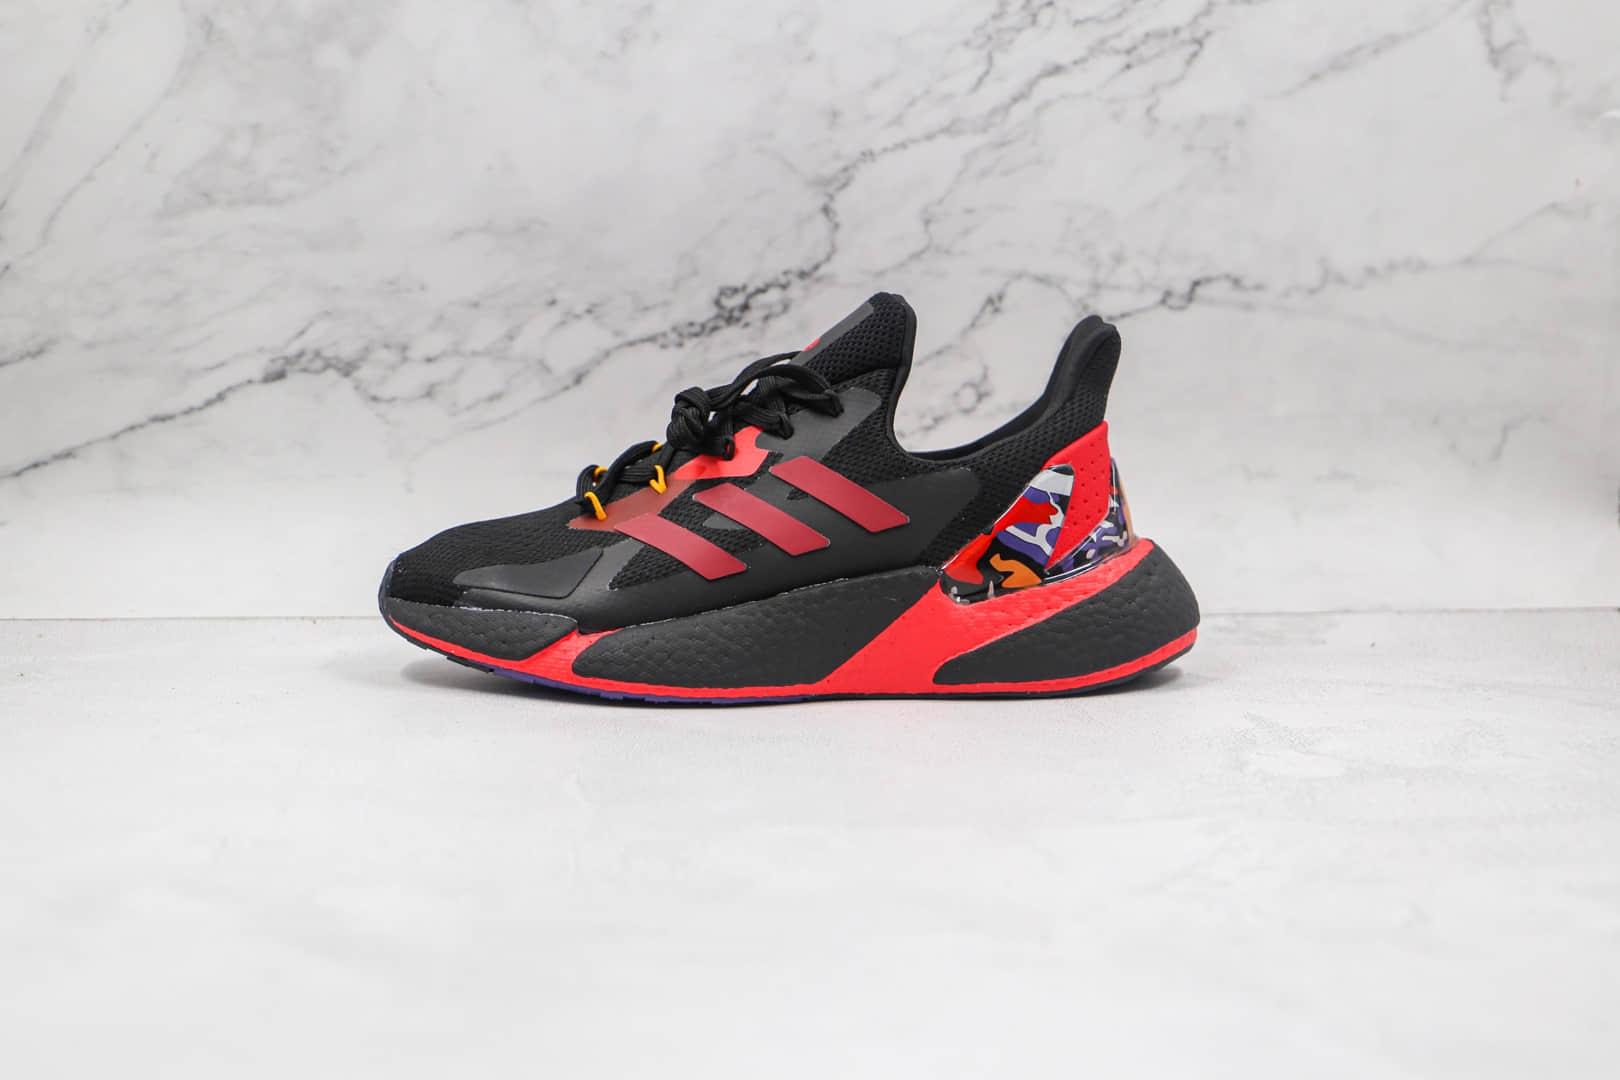 阿迪达斯Adidas X9000L4 Boost纯原版本黑红色ZX 9000L4爆米花跑鞋原楦头纸板打造 货号:GZ8987